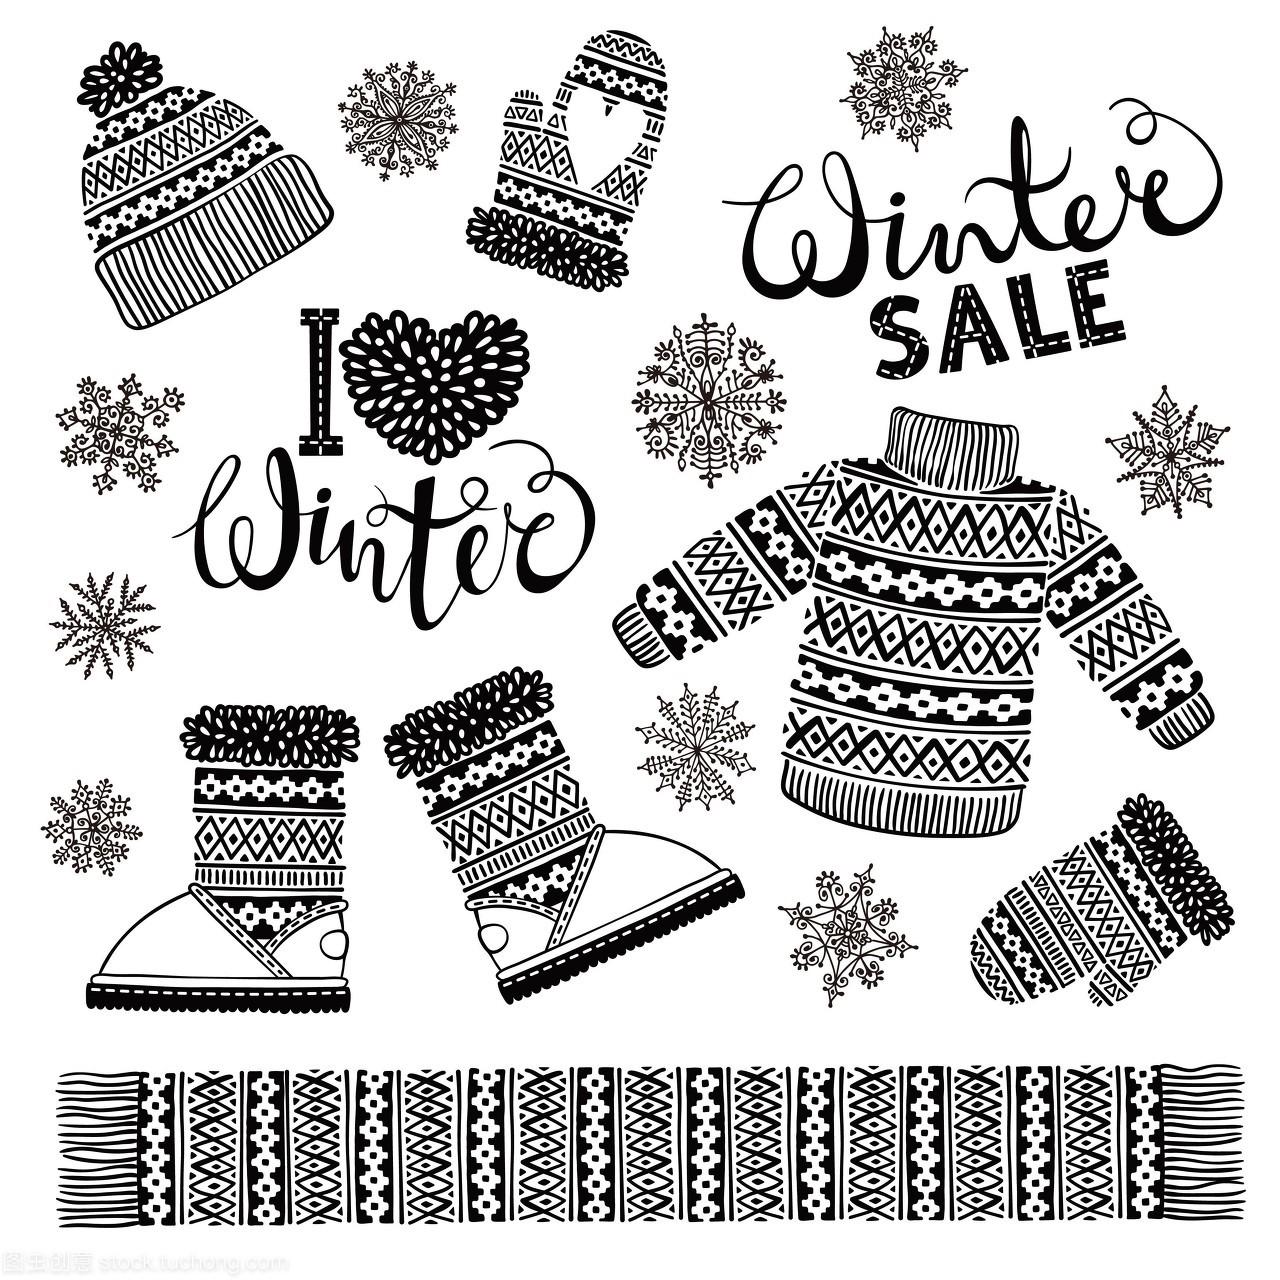 触摸毛衣针织毛织品和帽子。图纸,手套,鞋类,靴设置图纸延时开关v毛衣图片